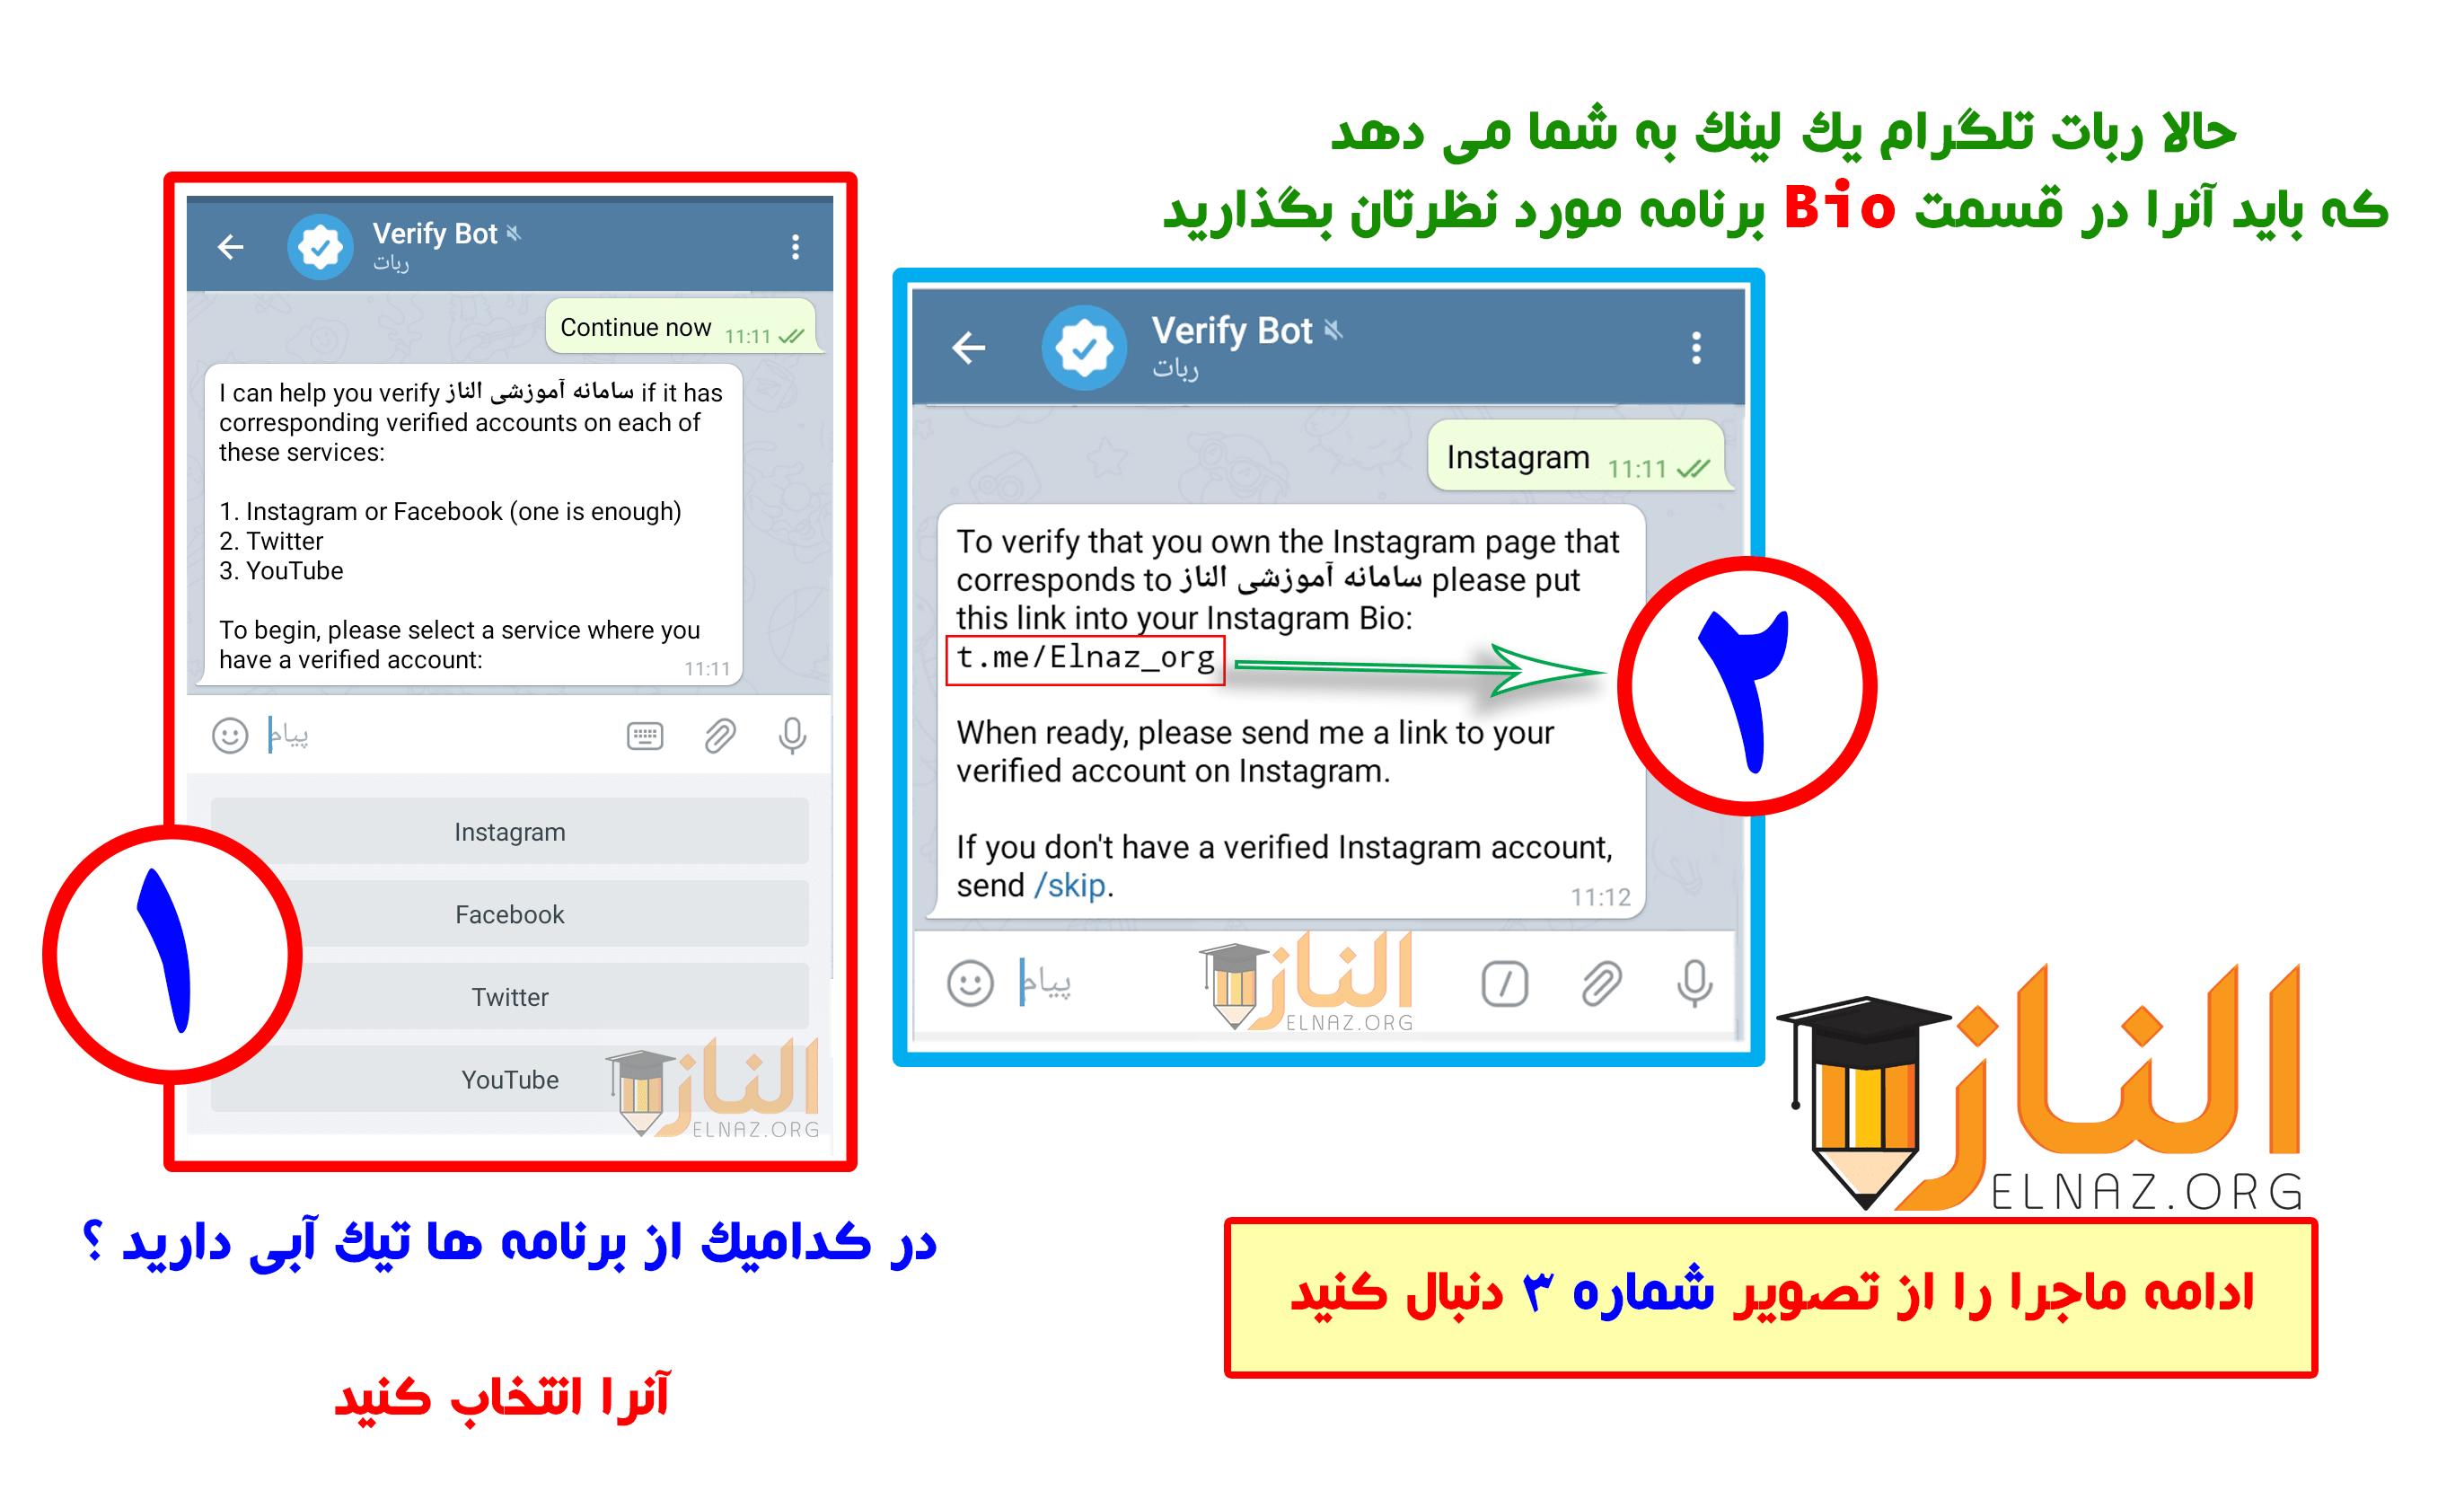 آموزش تیک ابی و نشان تایید شده تلگرام